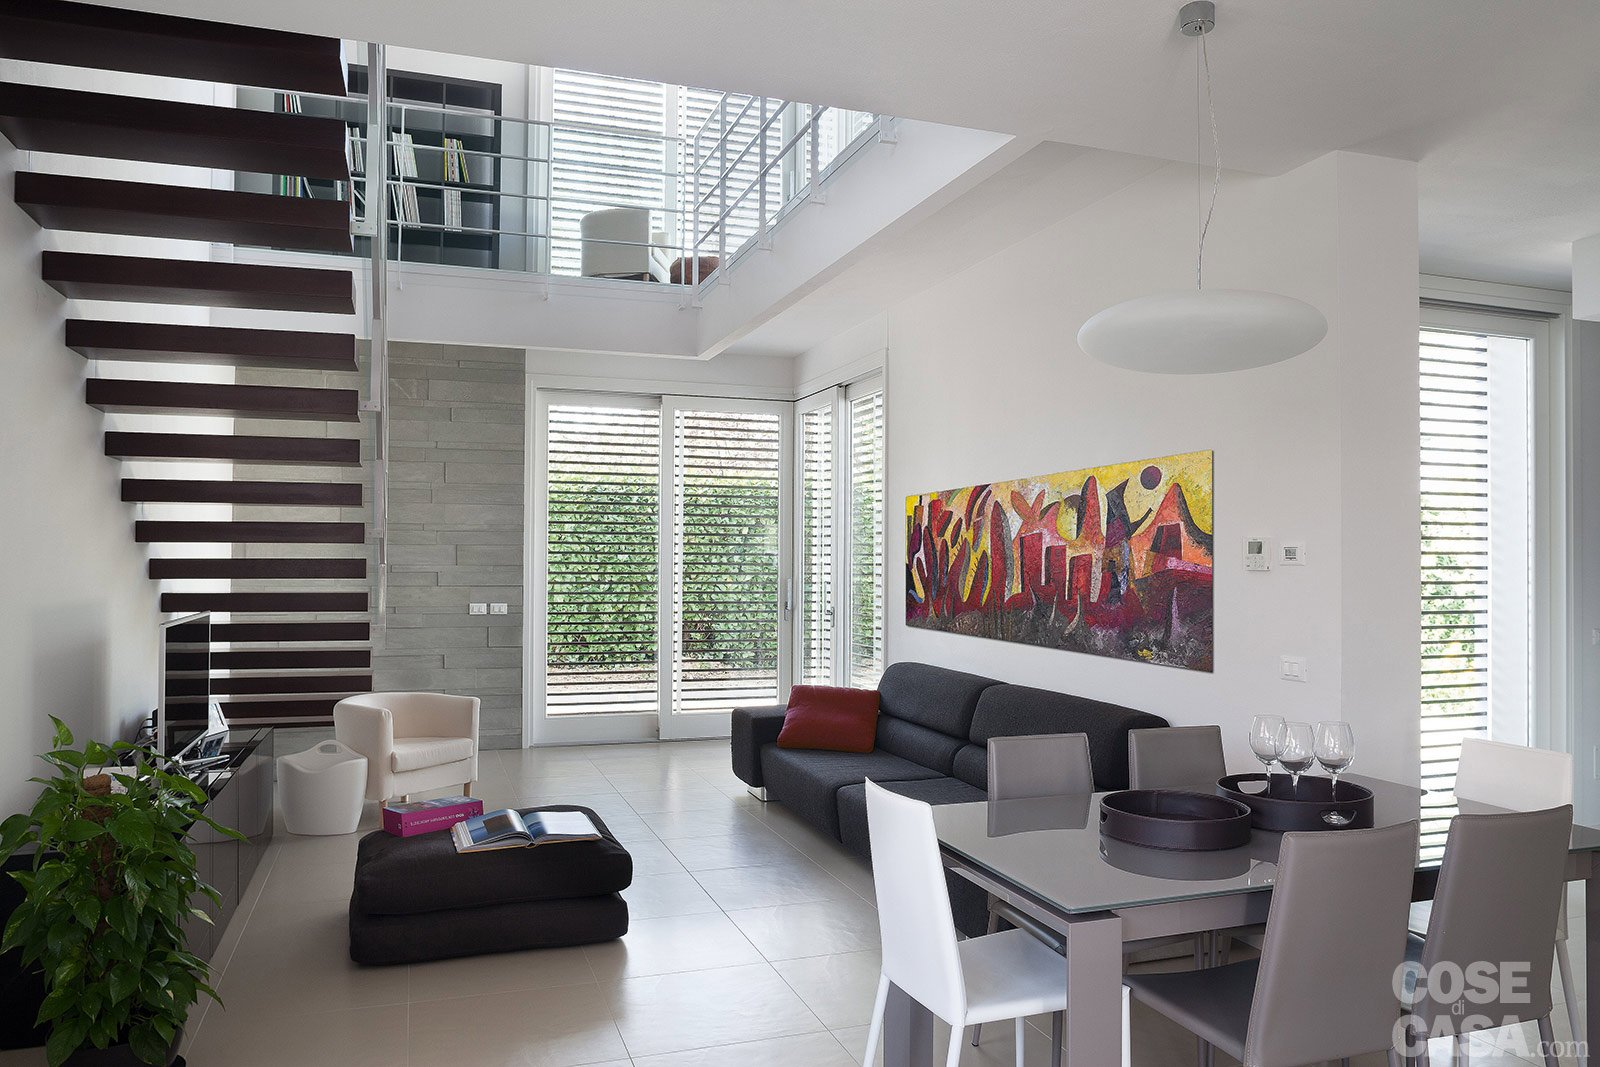 Architetture in piena luce cose di casa for Case con vetrate